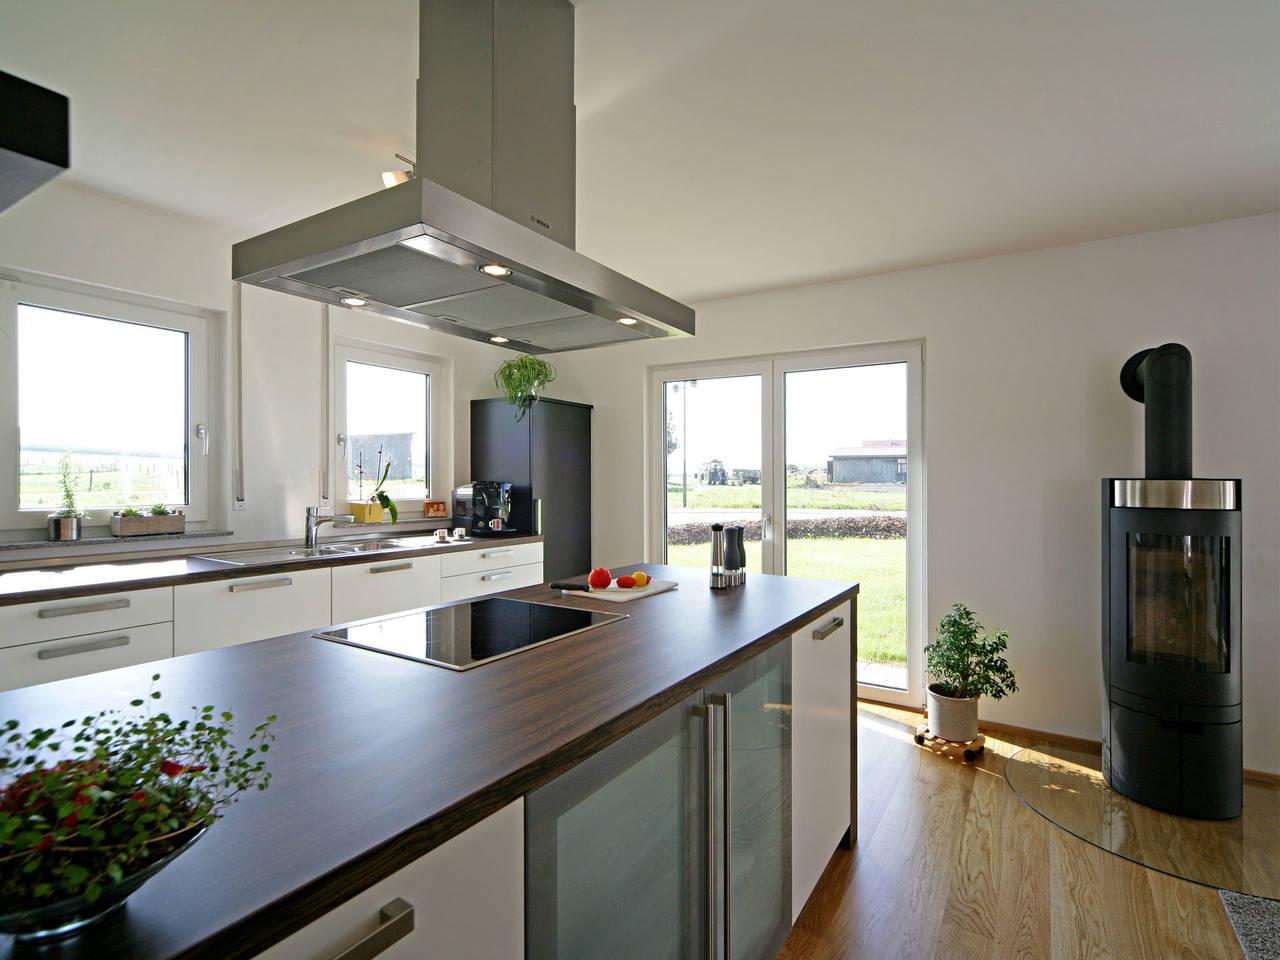 Haus Geiger Fertighaus Weiss Küche